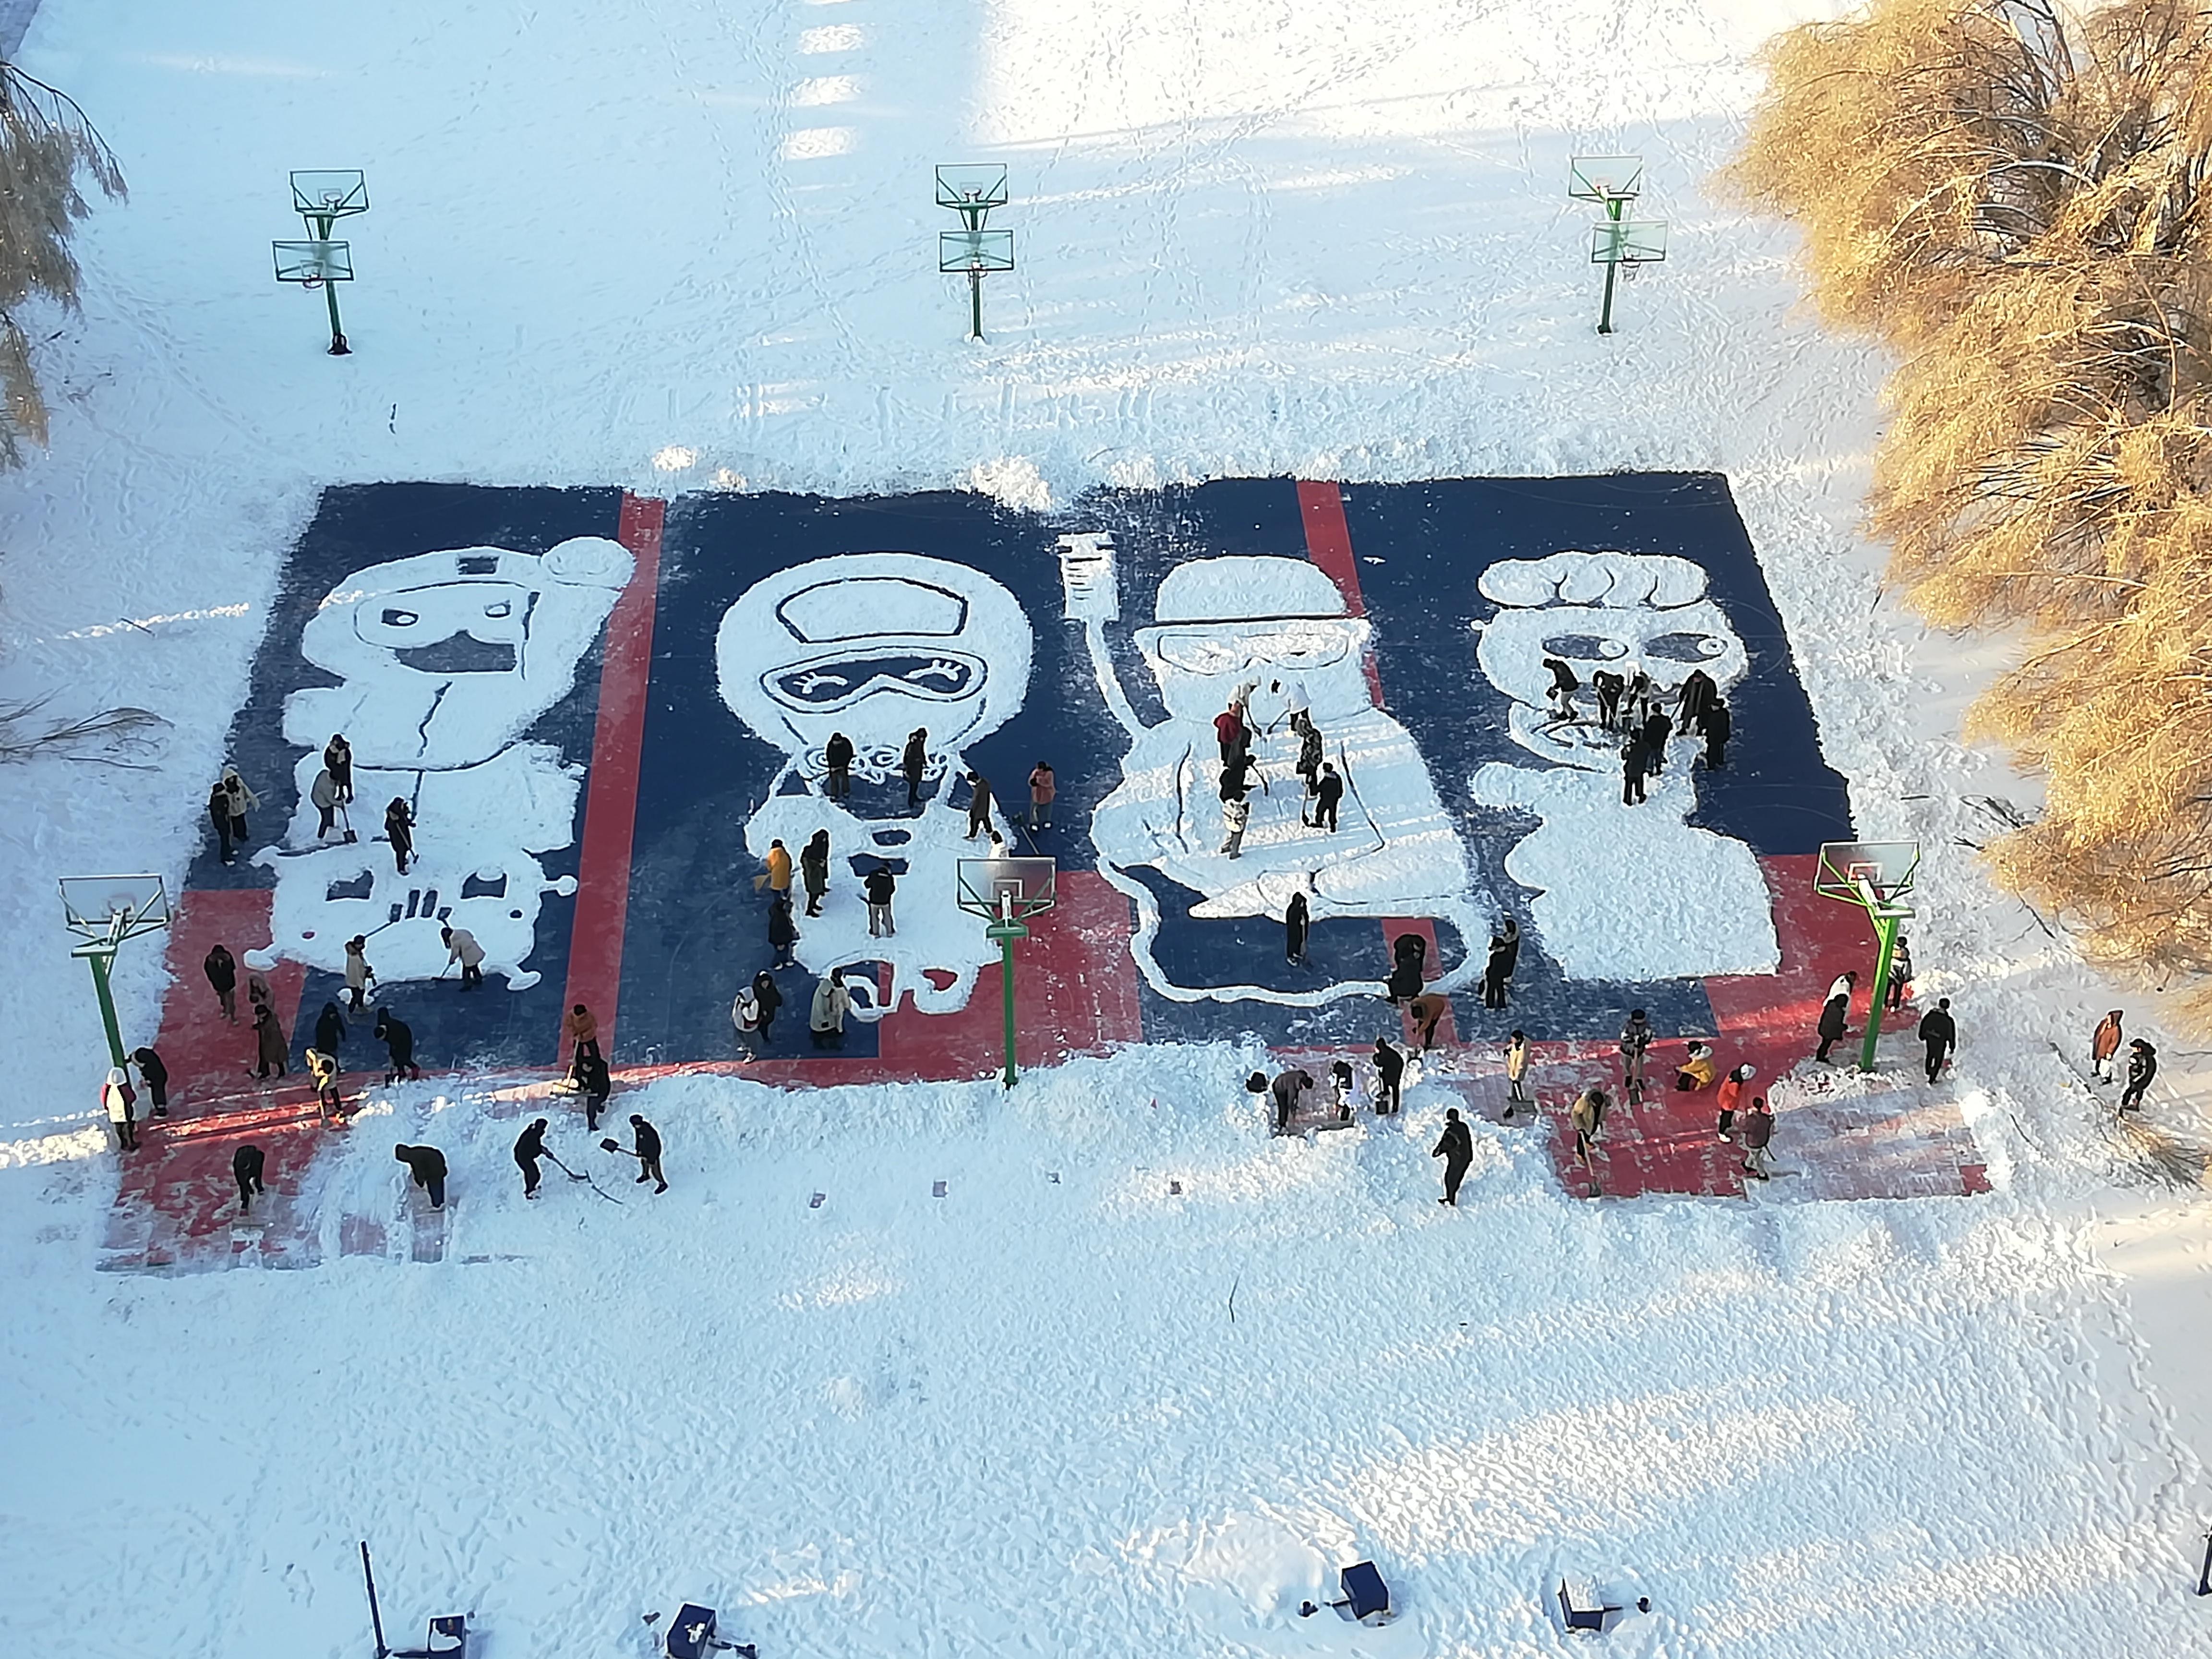 長春百名學子雪地繪圖致敬援鄂醫護人員